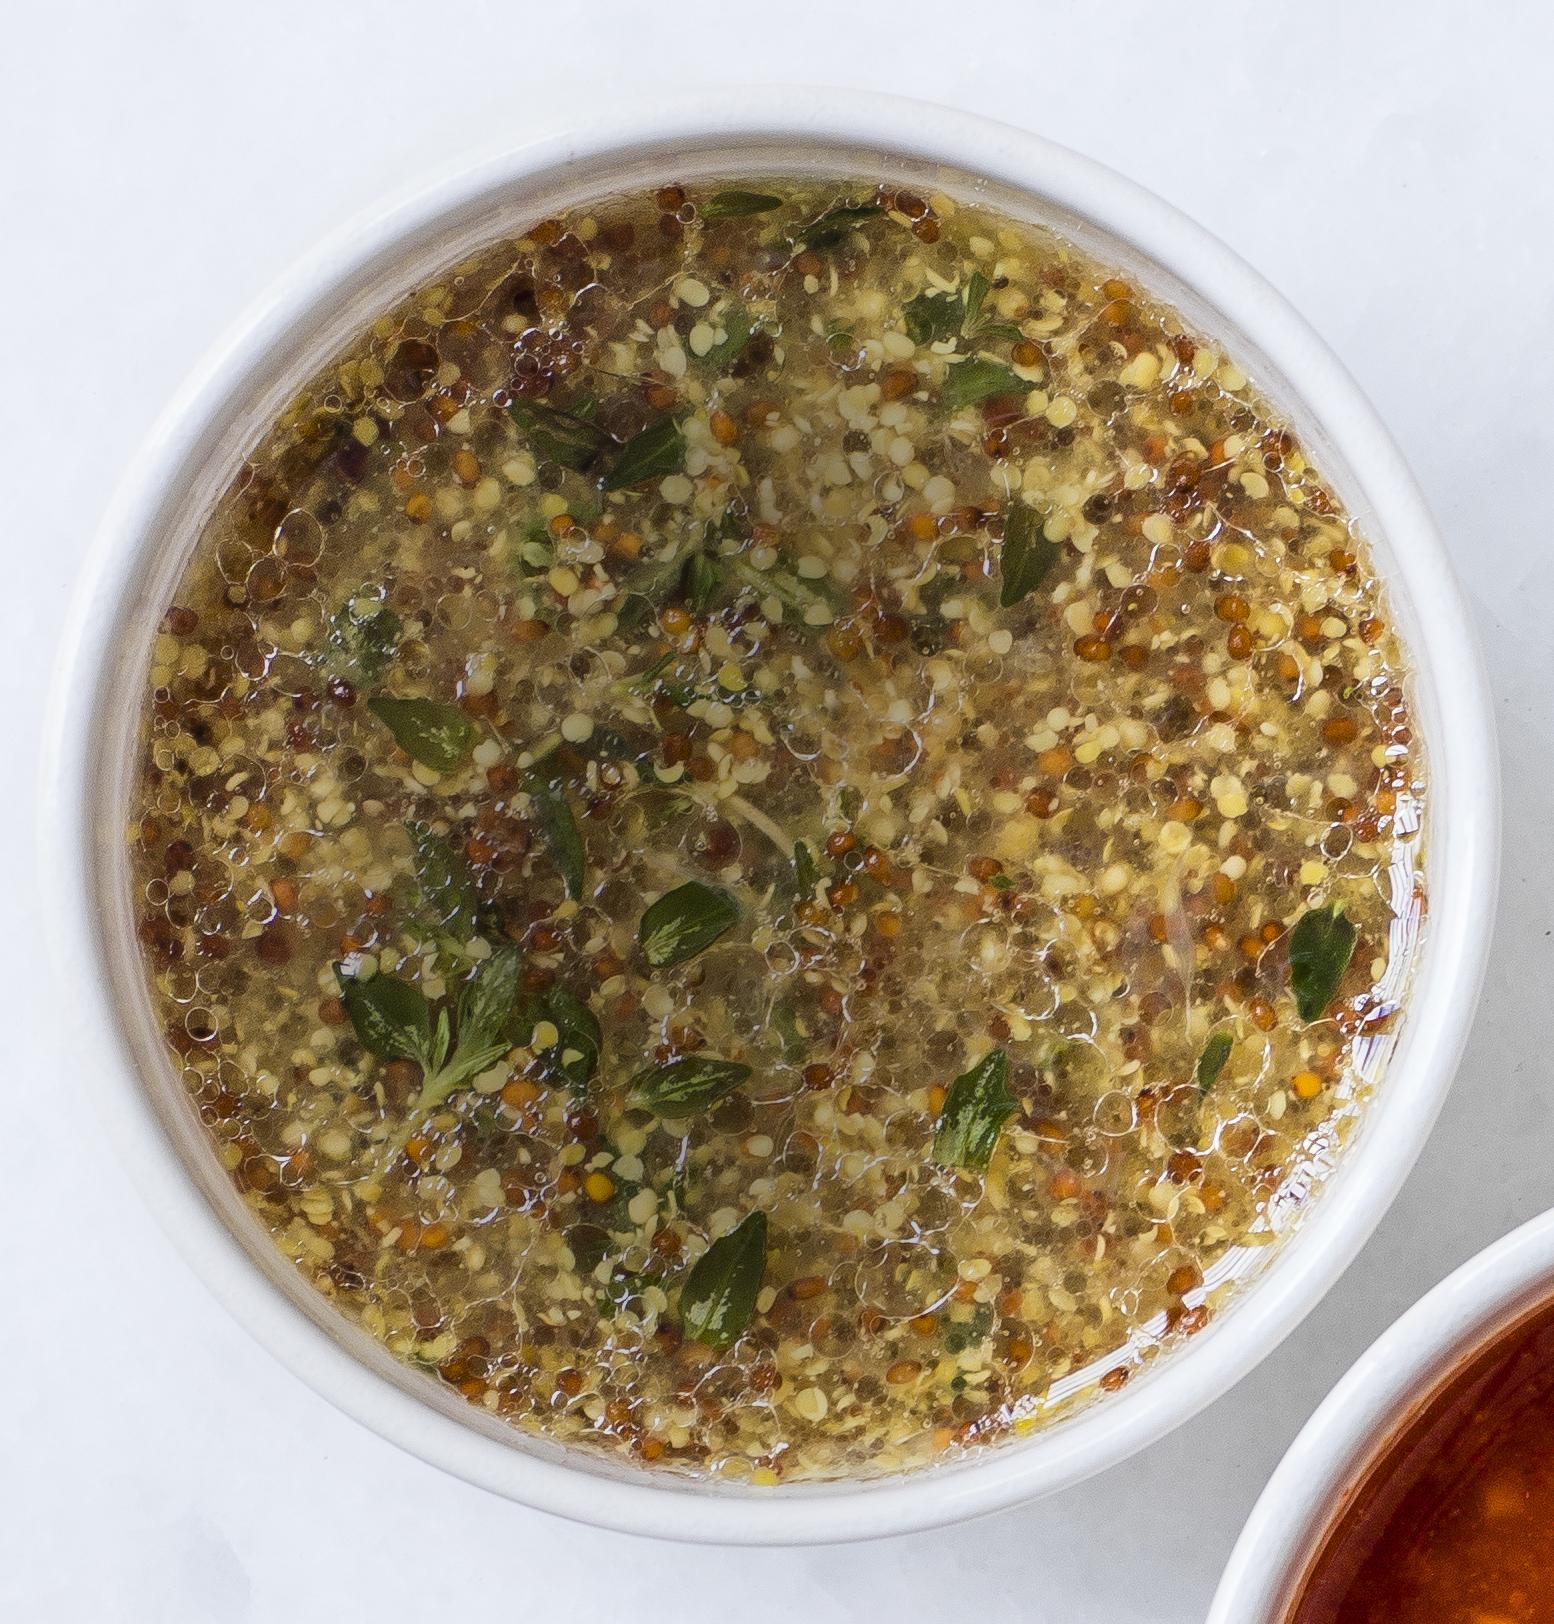 BBQ Marinades - Wholegrain mustard